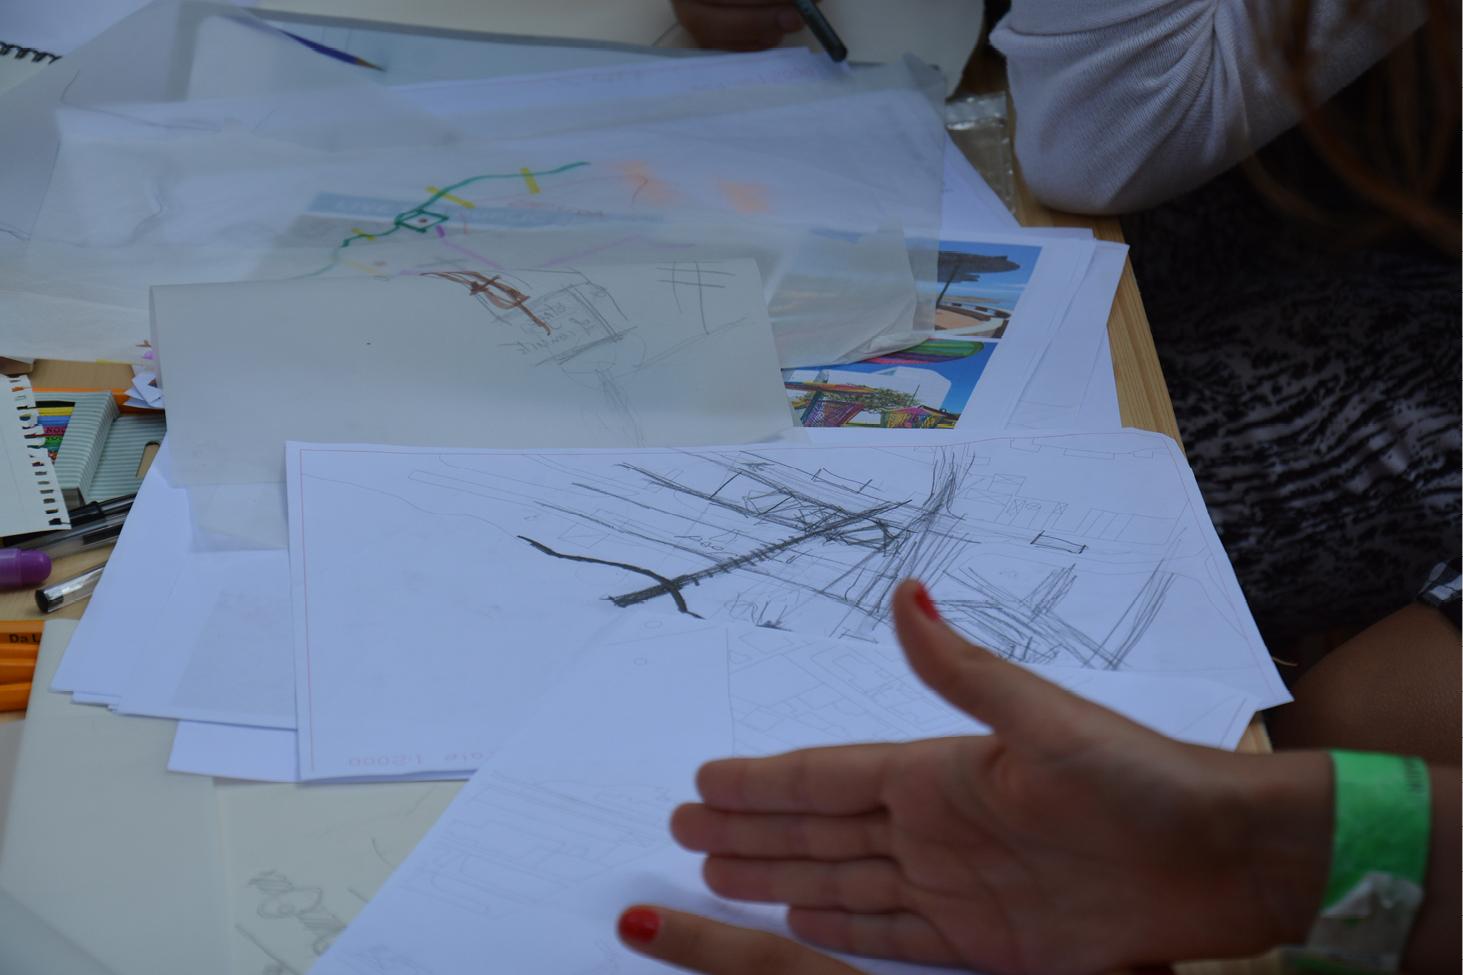 architecturaldesign14